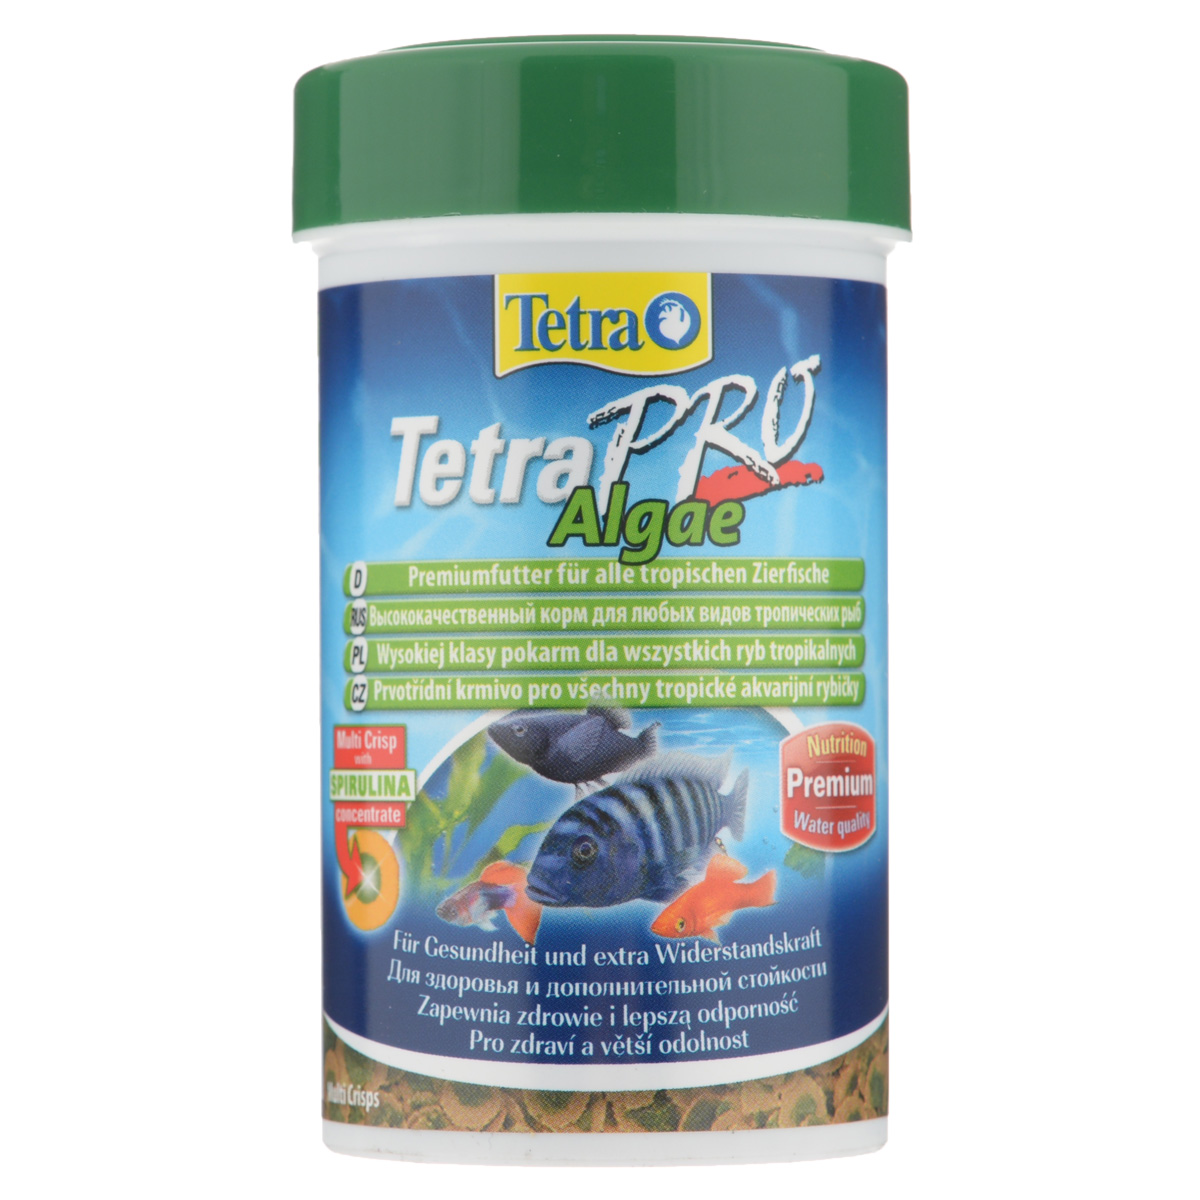 Корм сухой Tetra TetraPro. Algae для всех видов тропических рыб, чипсы, 100 мл (18 г)138988Полноценный высококачественный корм Tetra TetraPro. Algae для всех видов тропических рыб разработан для поддержания здоровья и придания дополнительной стойкости. Особенности Tetra TetraPro. Algae: - щадящая низкотемпературная технология изготовления для высокой питательной ценности и стабильности витаминов;- концентрат спирулина для повышения сопротивляемости организма;- инновационная форма чипсов для минимального загрязнения воды;- идеально подходит для растительноядных рыб;- легкое кормление.Рекомендации по кормлению: кормить несколько раз в день маленькими порциями.Состав: рыба и побочные рыбные продукты, зерновые культуры, экстракты растительного белка, дрожжи, моллюски и раки, масла и жиры, водоросли (спирулина 1%).Аналитические компоненты: сырой белок - 46%, сырые масла и жиры - 12%, сырая клетчатка - 3%, влага - 9%.Добавки: витамины, провитамины и химические вещества с аналогичным воздействием, витамин А 29810 МЕ/кг, витамин Д3 1860 МЕ/кг, Л-карнитин 123 мг/кг. Комбинации элементов: Е5 Марганец 67 мг/кг, Е6 Цинк 40 мг/кг, Е1 Железо 26 мг/кг. Красители, консерванты, антиоксиданты.Товар сертифицирован.